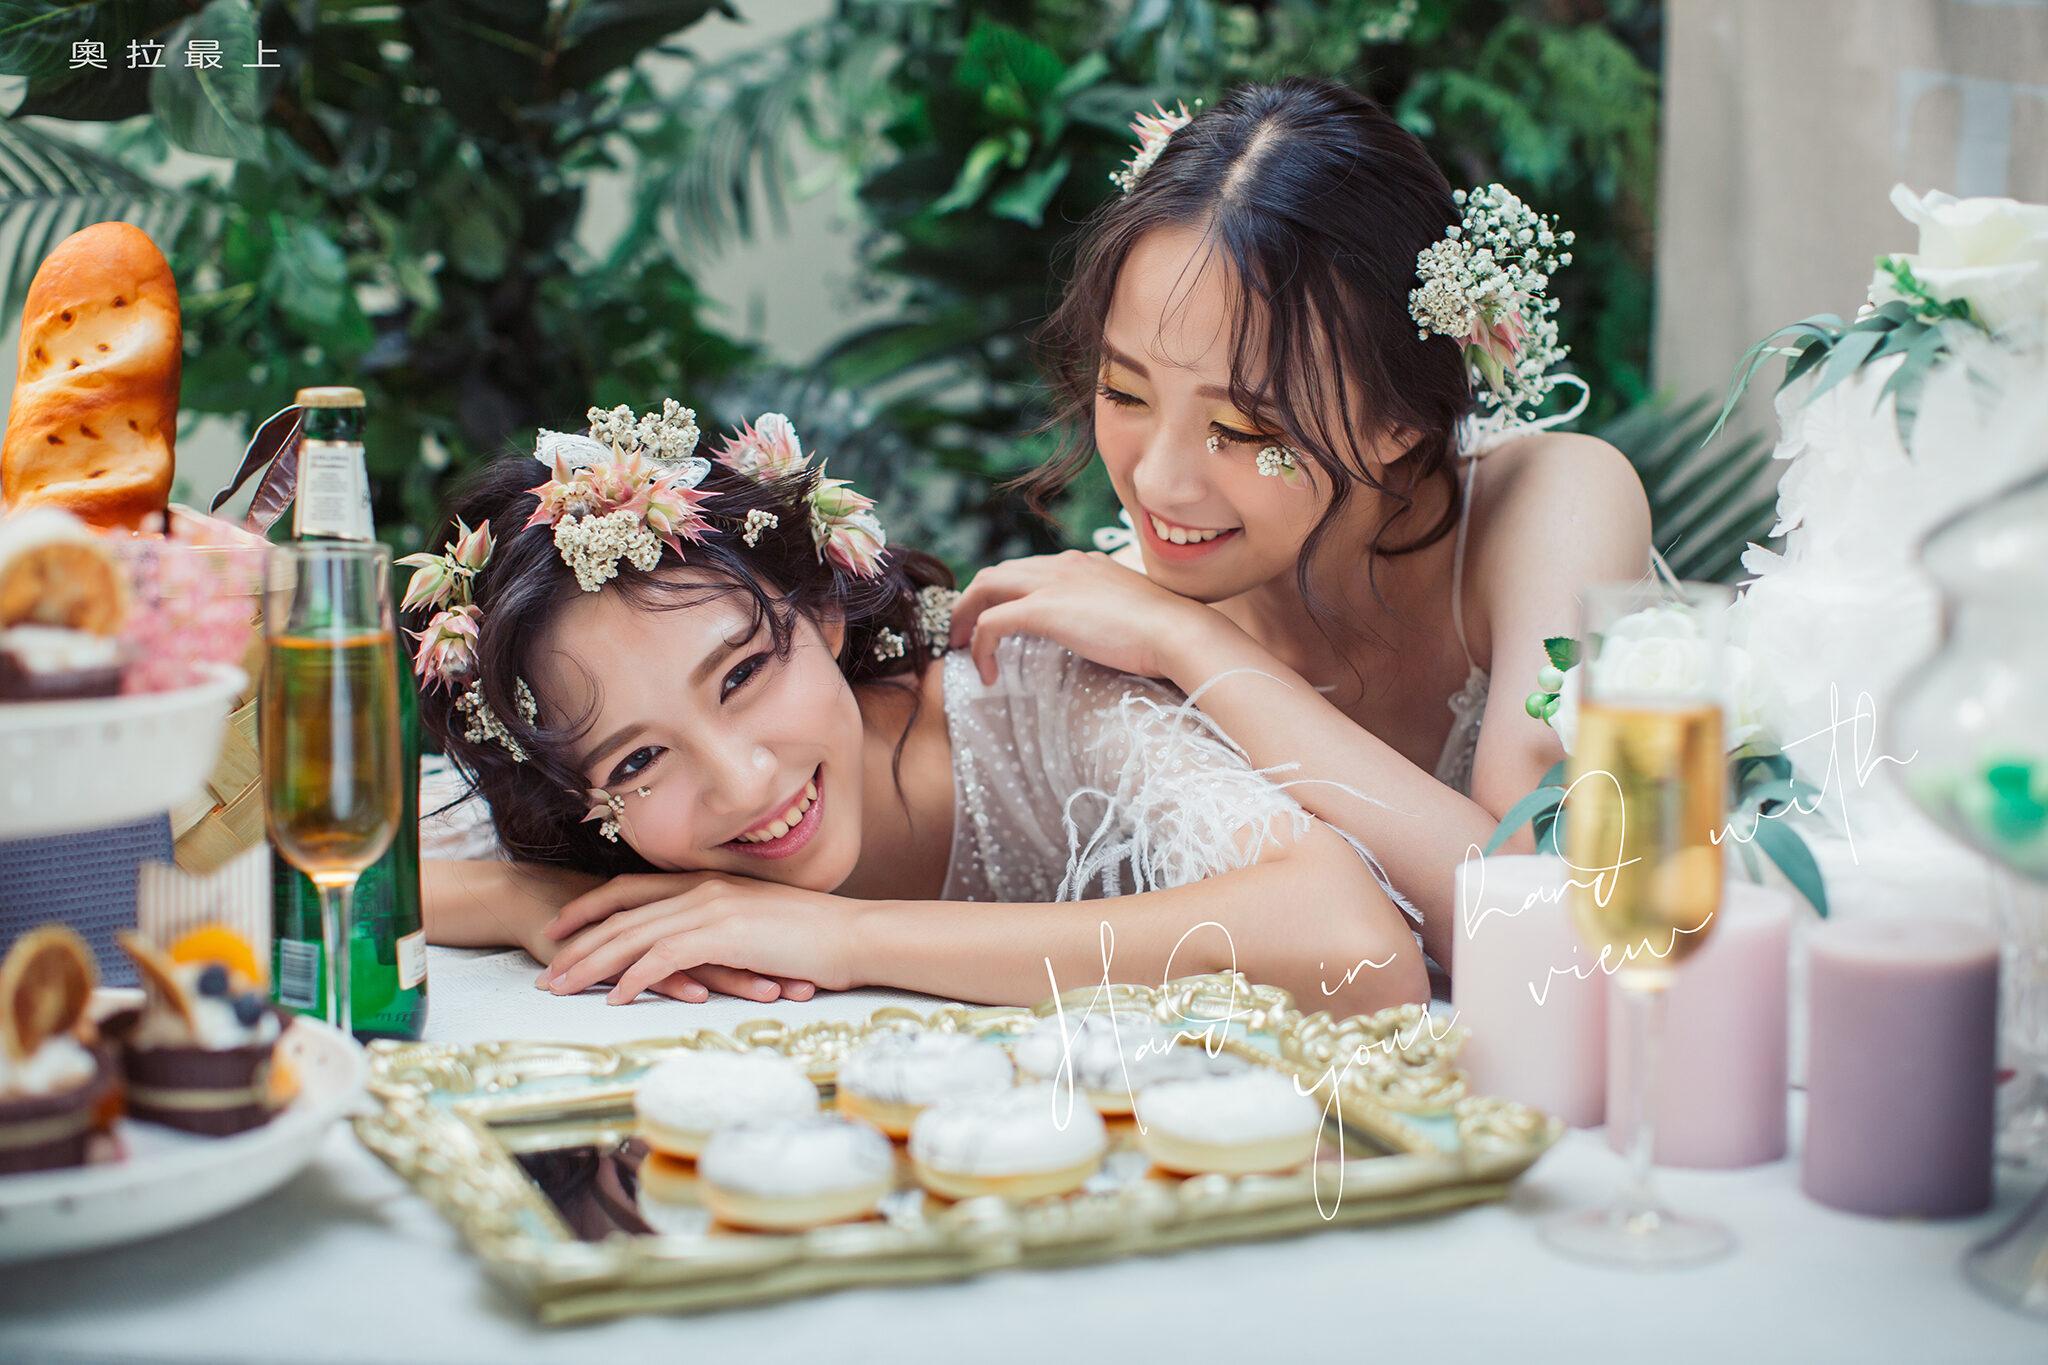 造型婚紗攝影 - 閨蜜照